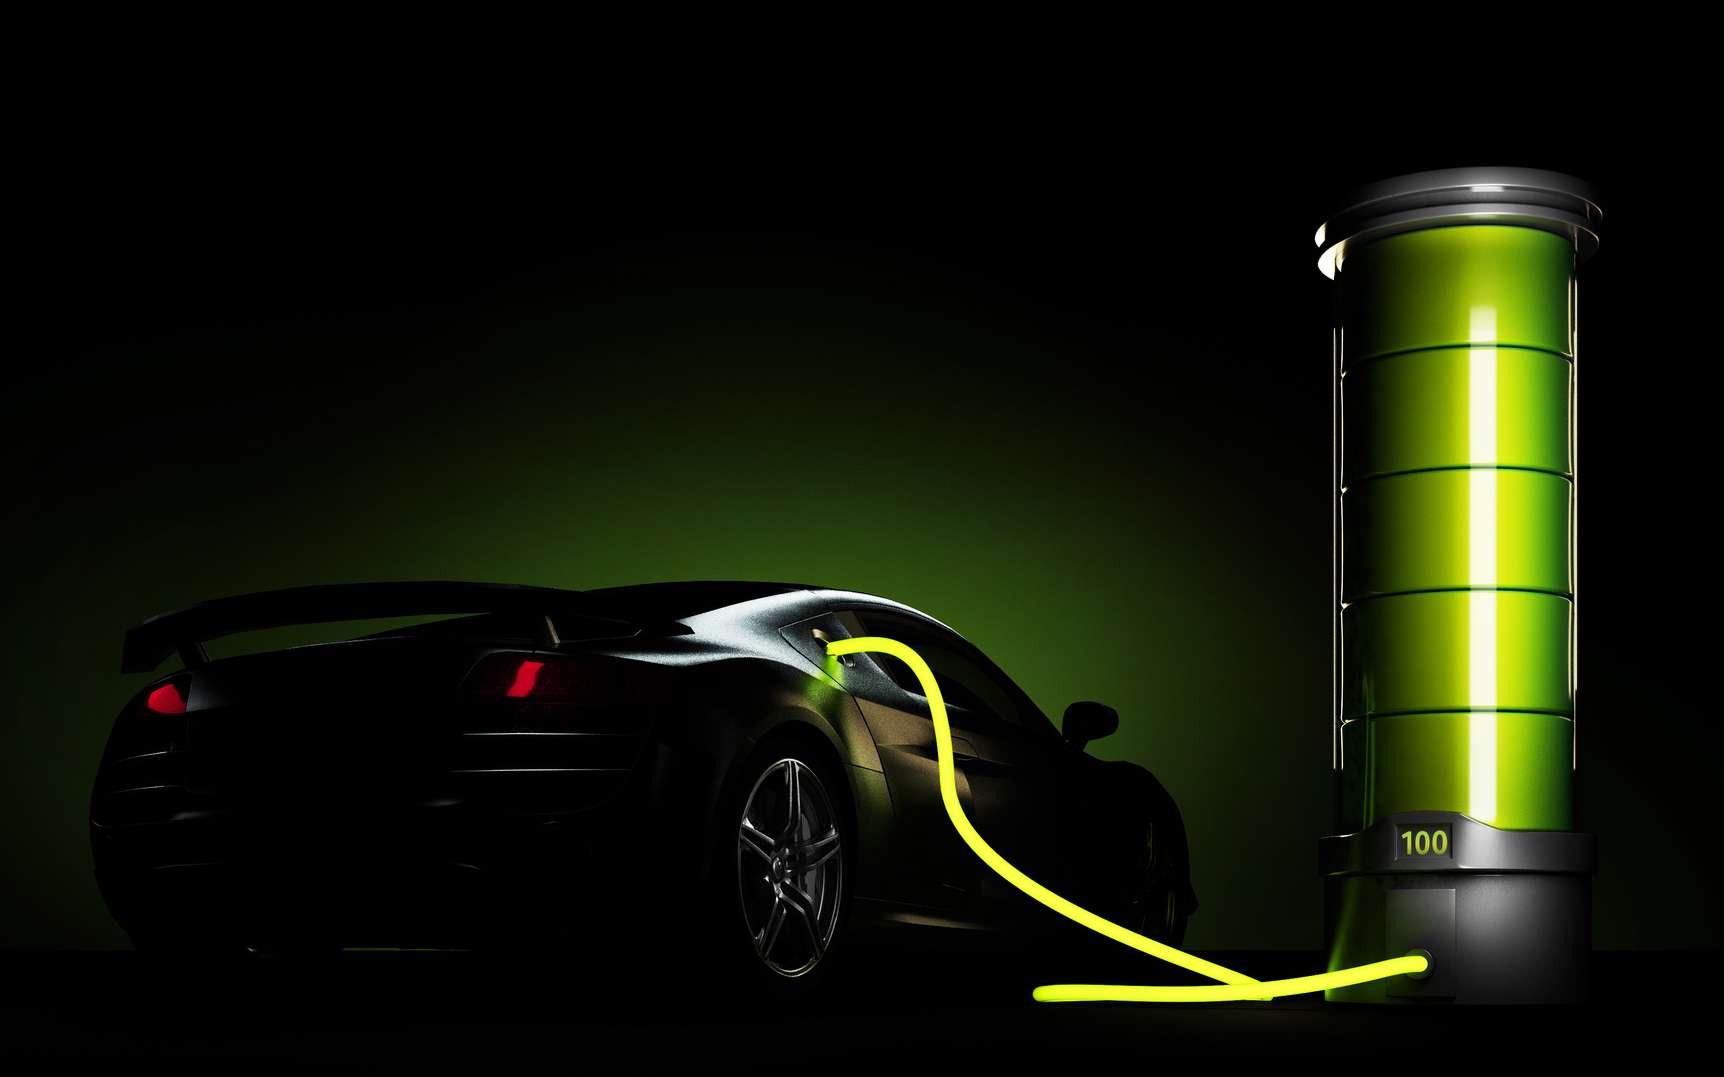 Le prototype de batterie mis au point par Samsung devrait permettre de doubler la densité d'énergie. © Artmegorov3, Fotolia